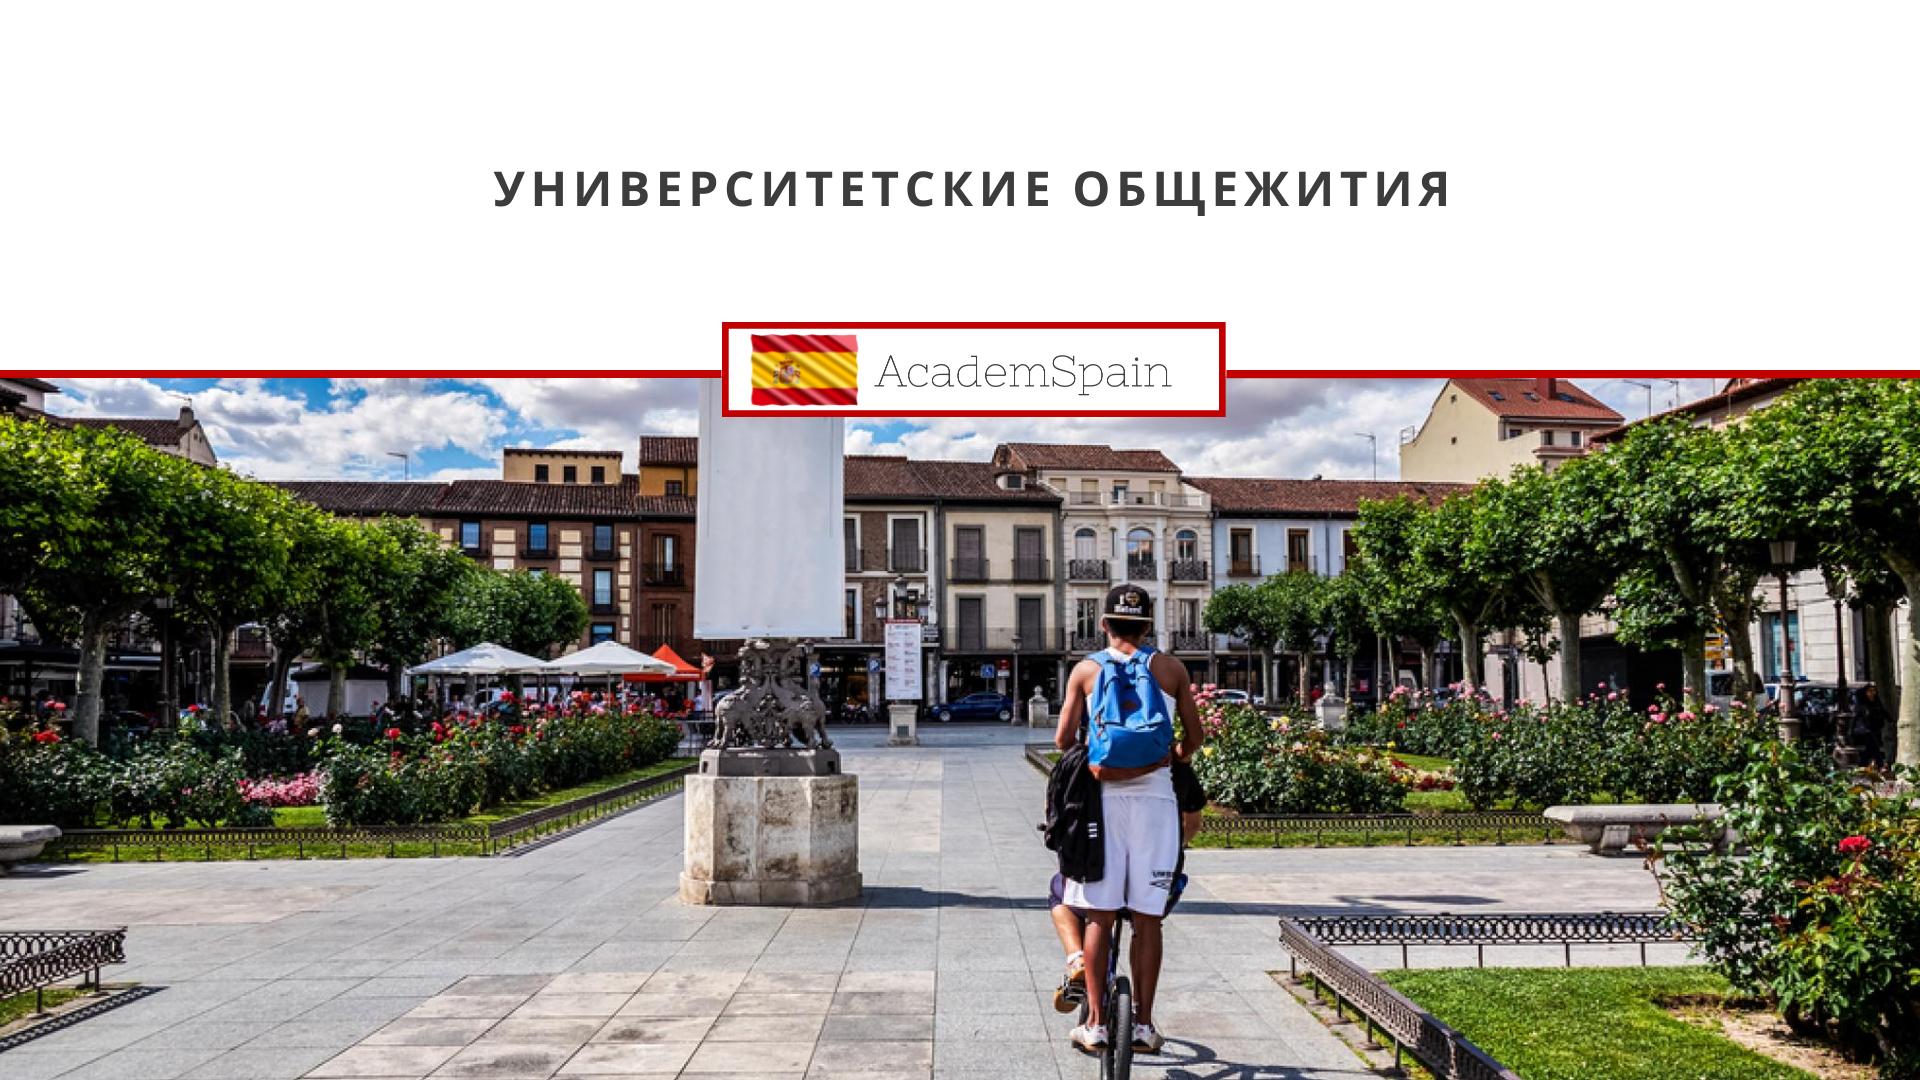 Студенческие общежития в Испании